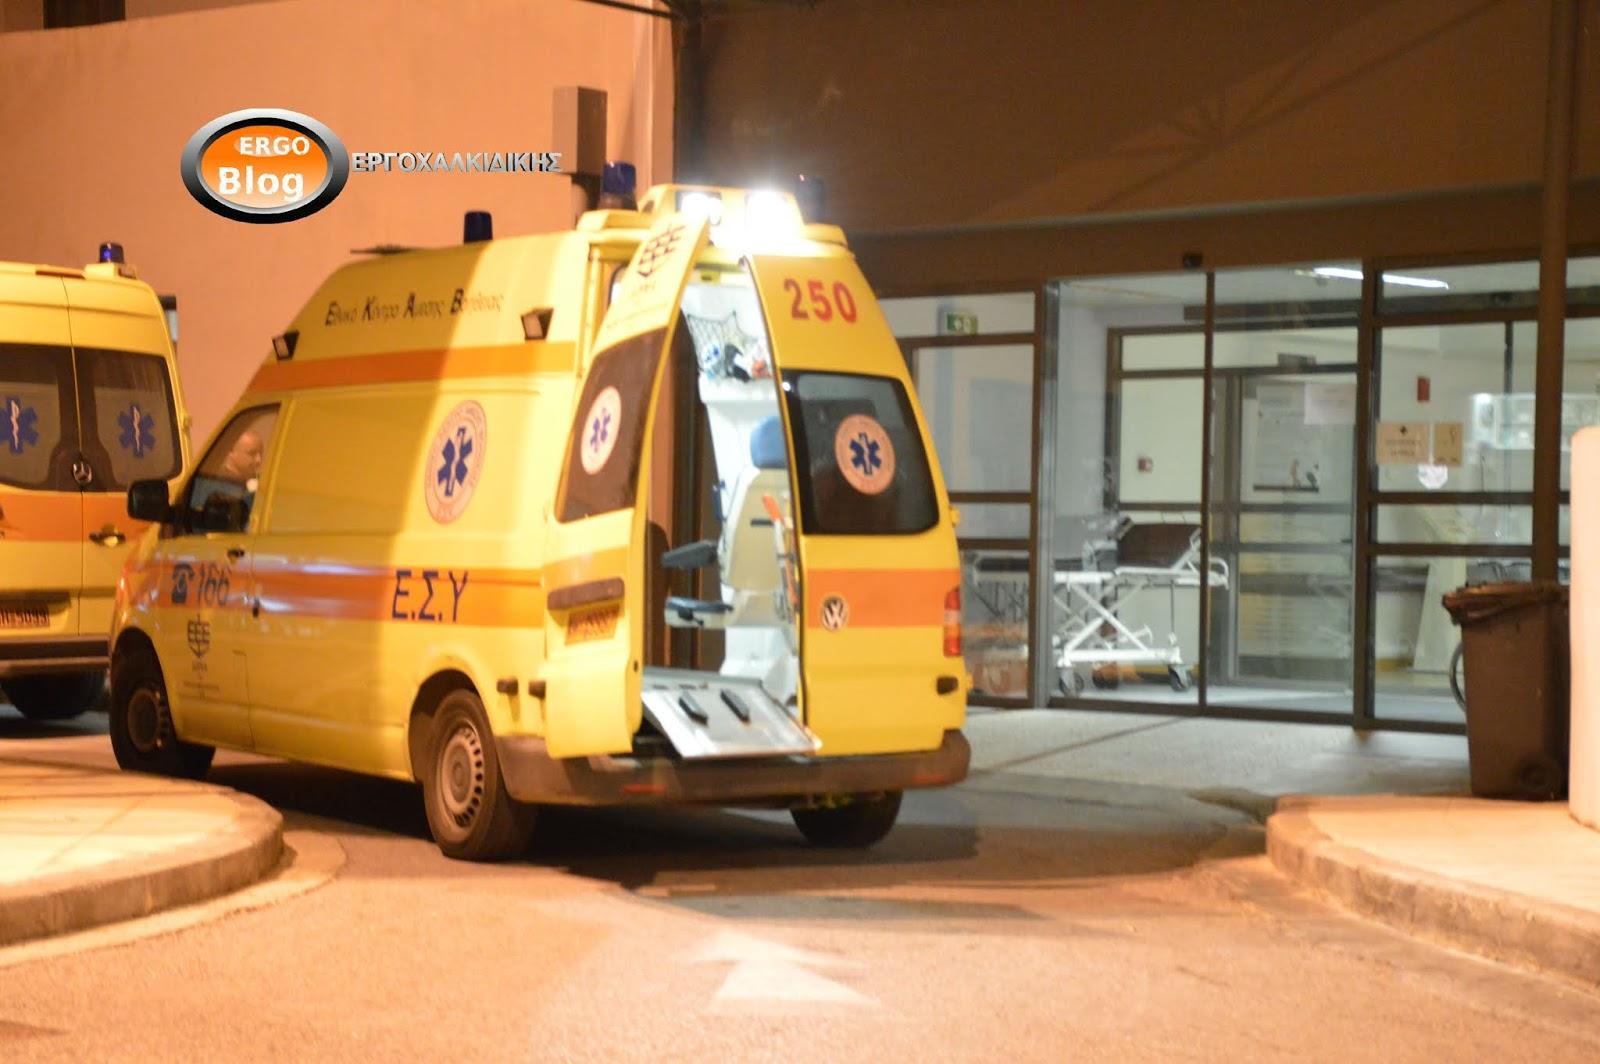 Τροχαίο ατύχημα  στο «Χοντρό Δέντρο» της Μεγάλης Παναγιάς στο δήμο Αριστοτέλη Χαλκιδικής